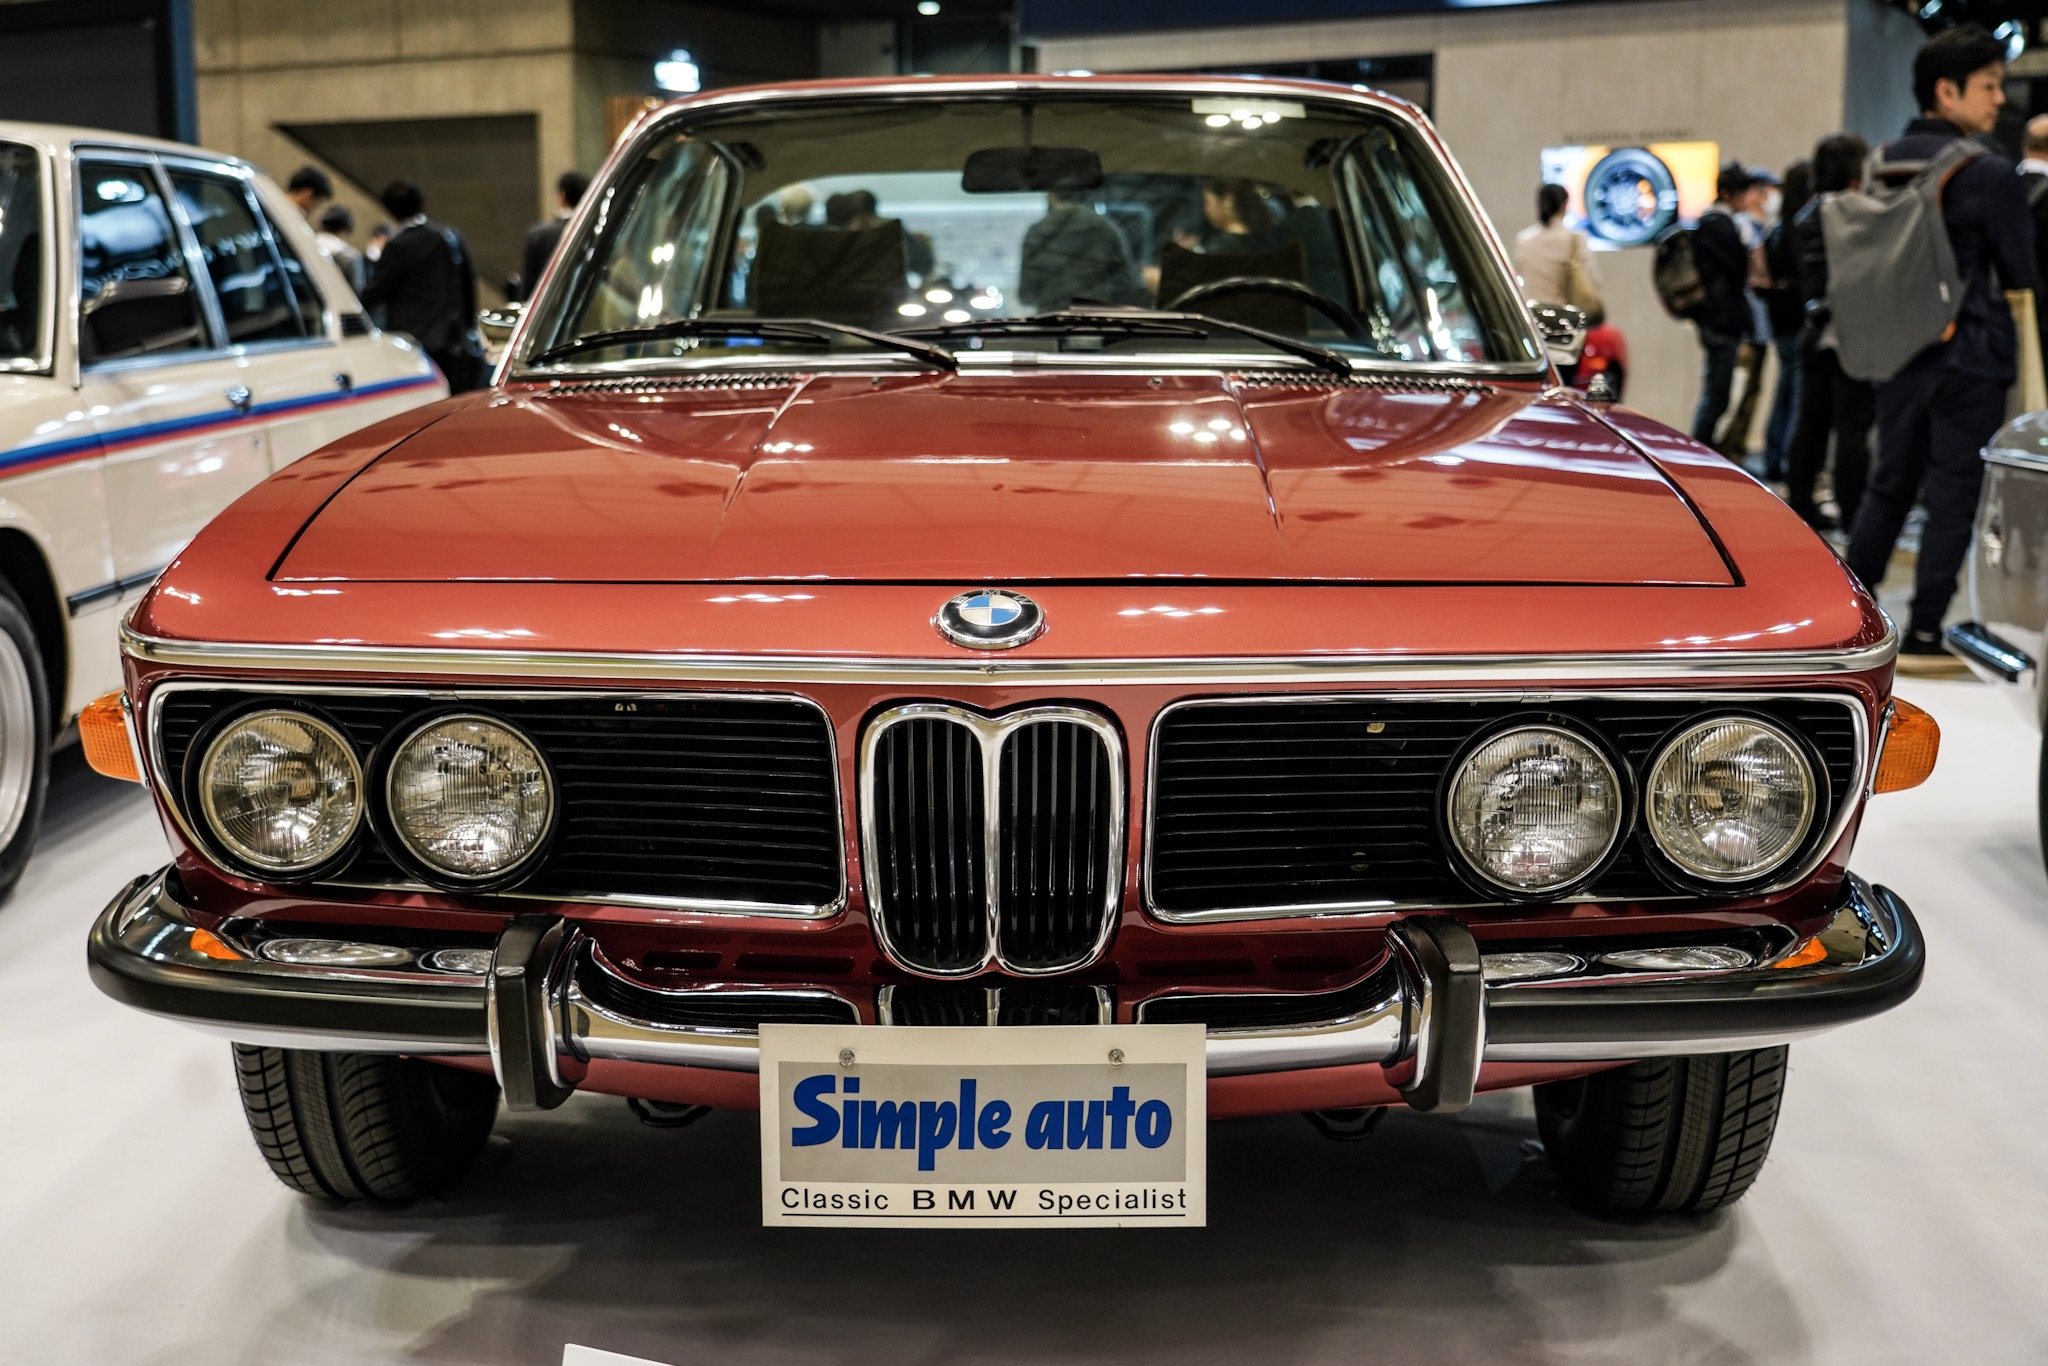 BMW_3.0_CSA_exterior_front